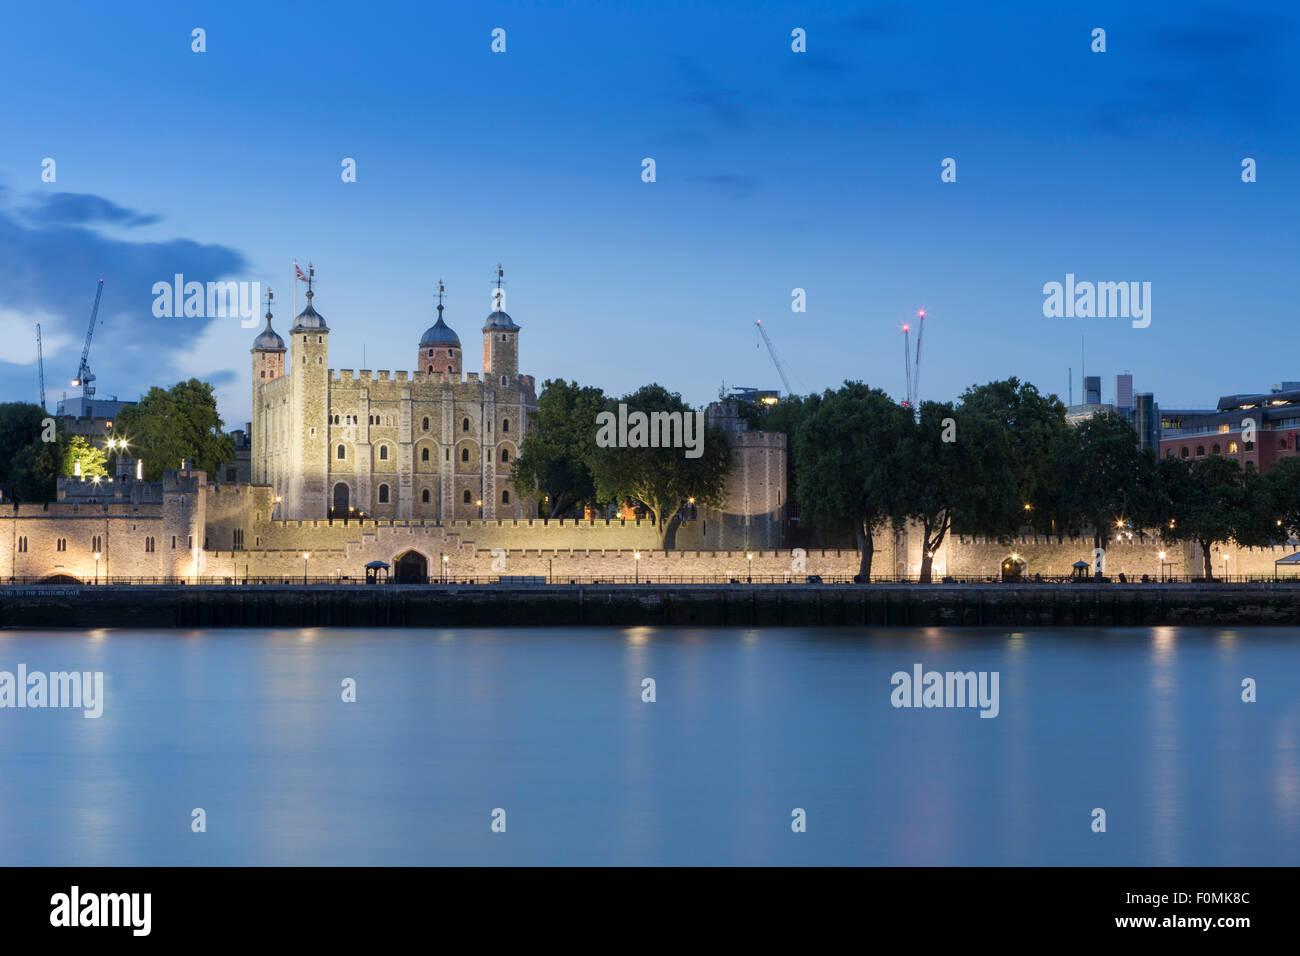 La Tour de Londres, Londres château, palais royal et prison médiévale à Londres, Angleterre Photo Stock